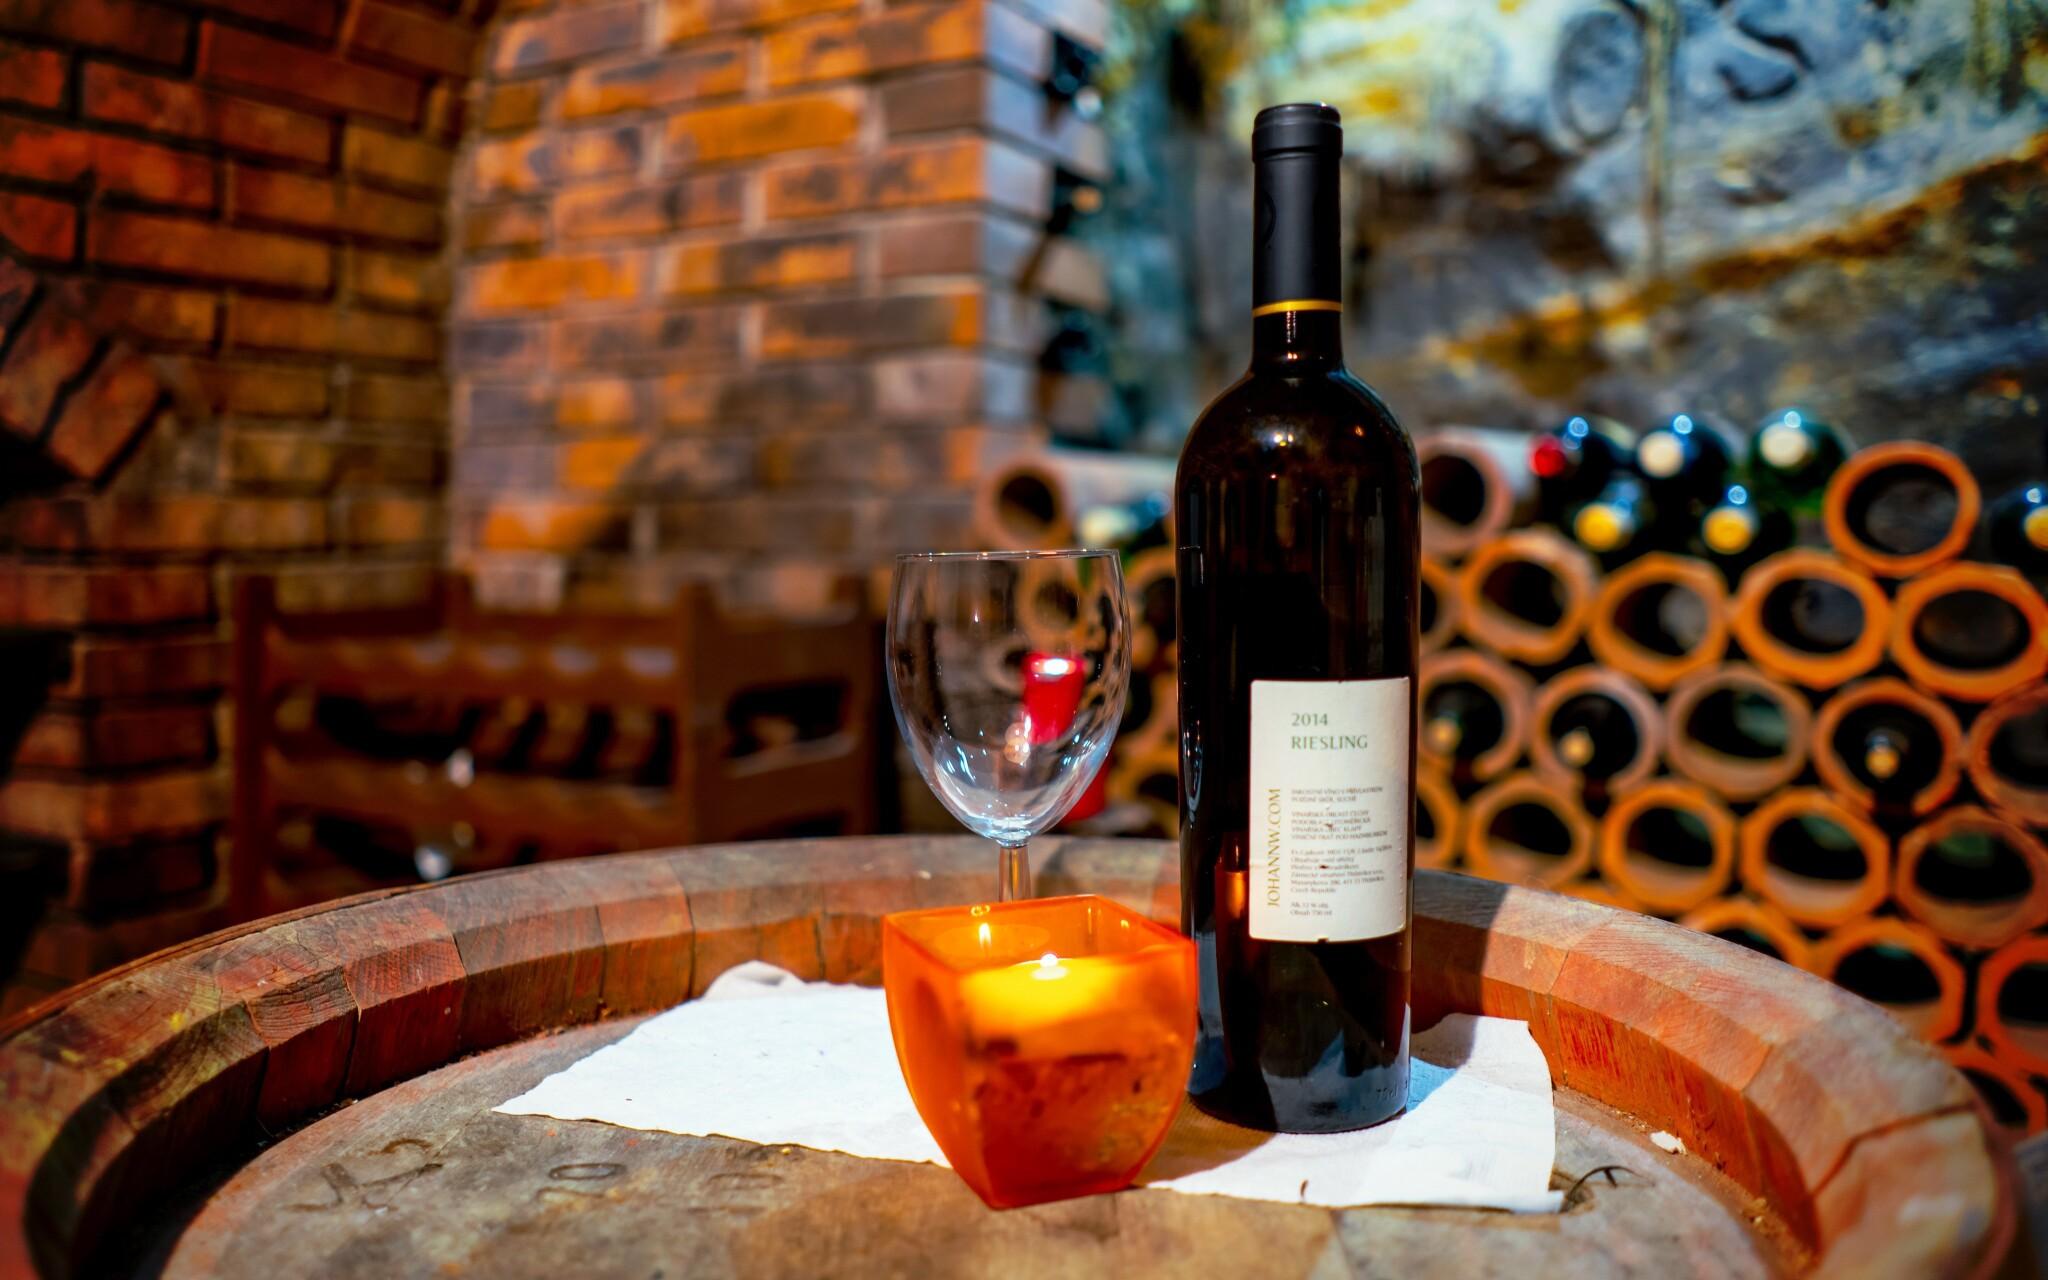 Vínna pivnica, víno, Hotel Weiss, Lechovice, južná Morava